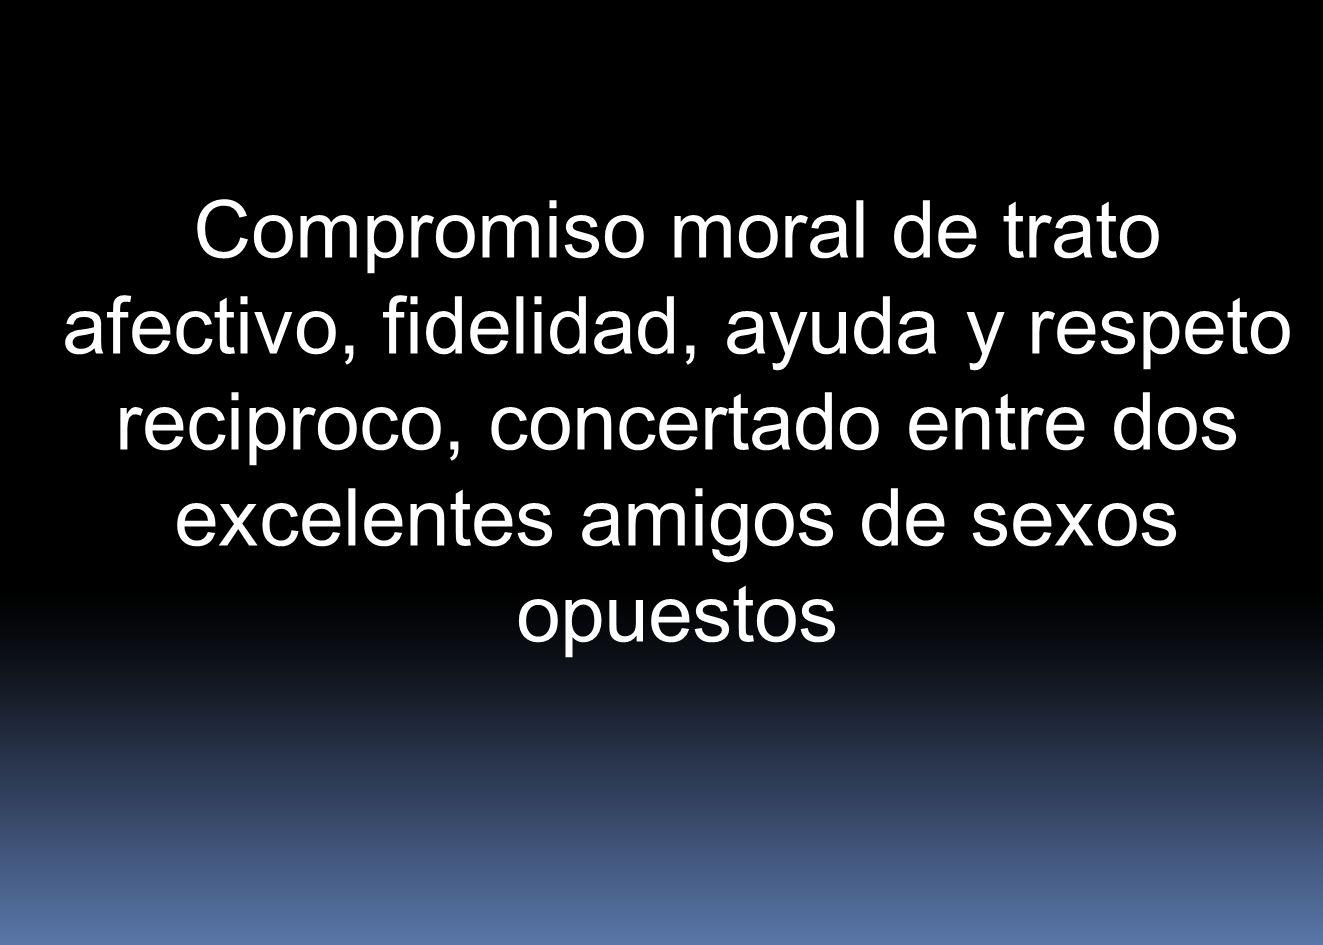 Compromiso moral de trato afectivo, fidelidad, ayuda y respeto reciproco, concertado entre dos excelentes amigos de sexos opuestos